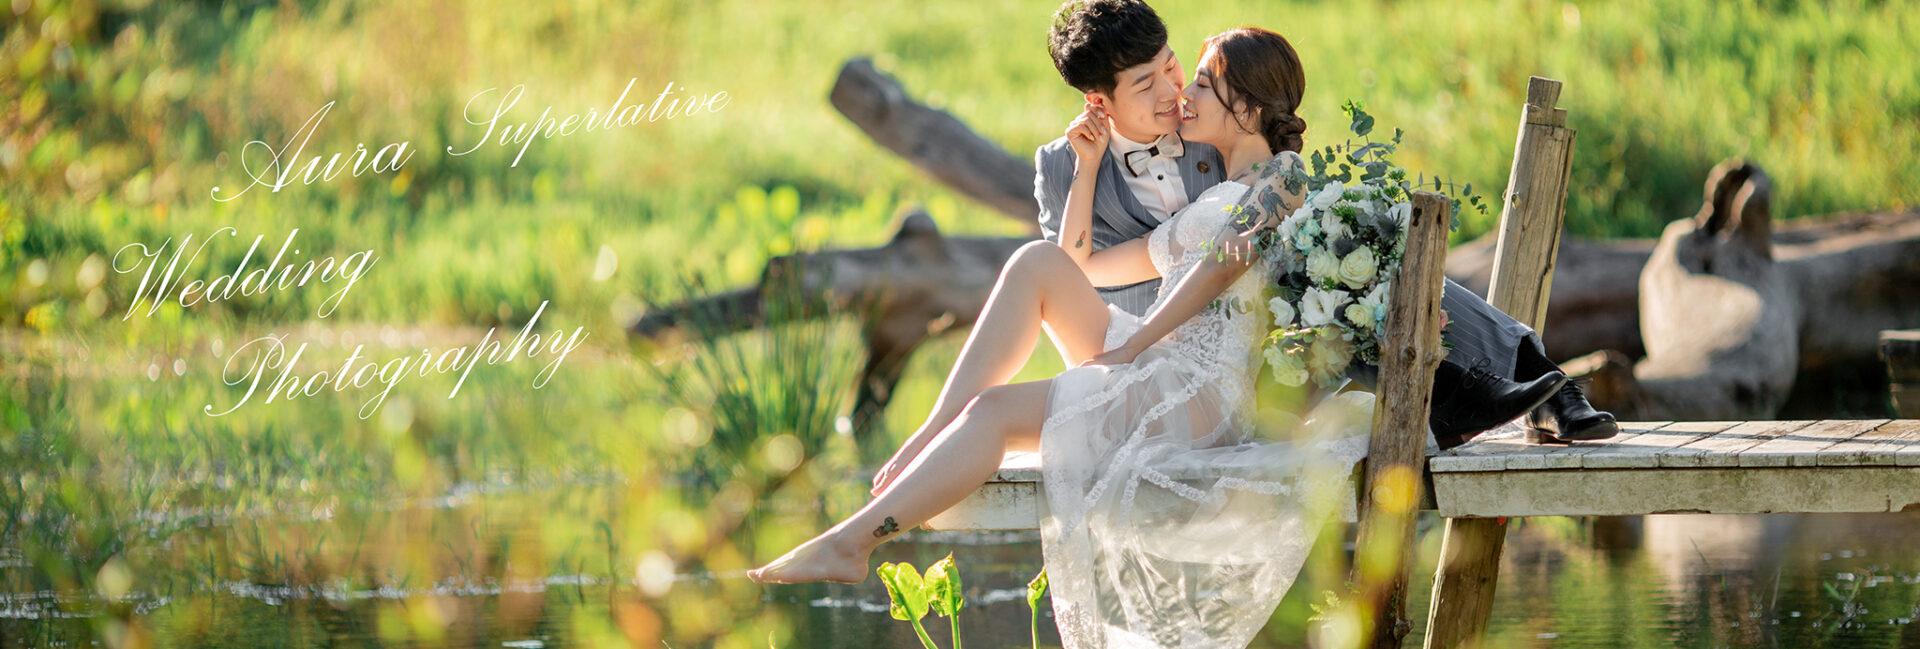 婚紗攝影作品 - 韋迪/孟賢